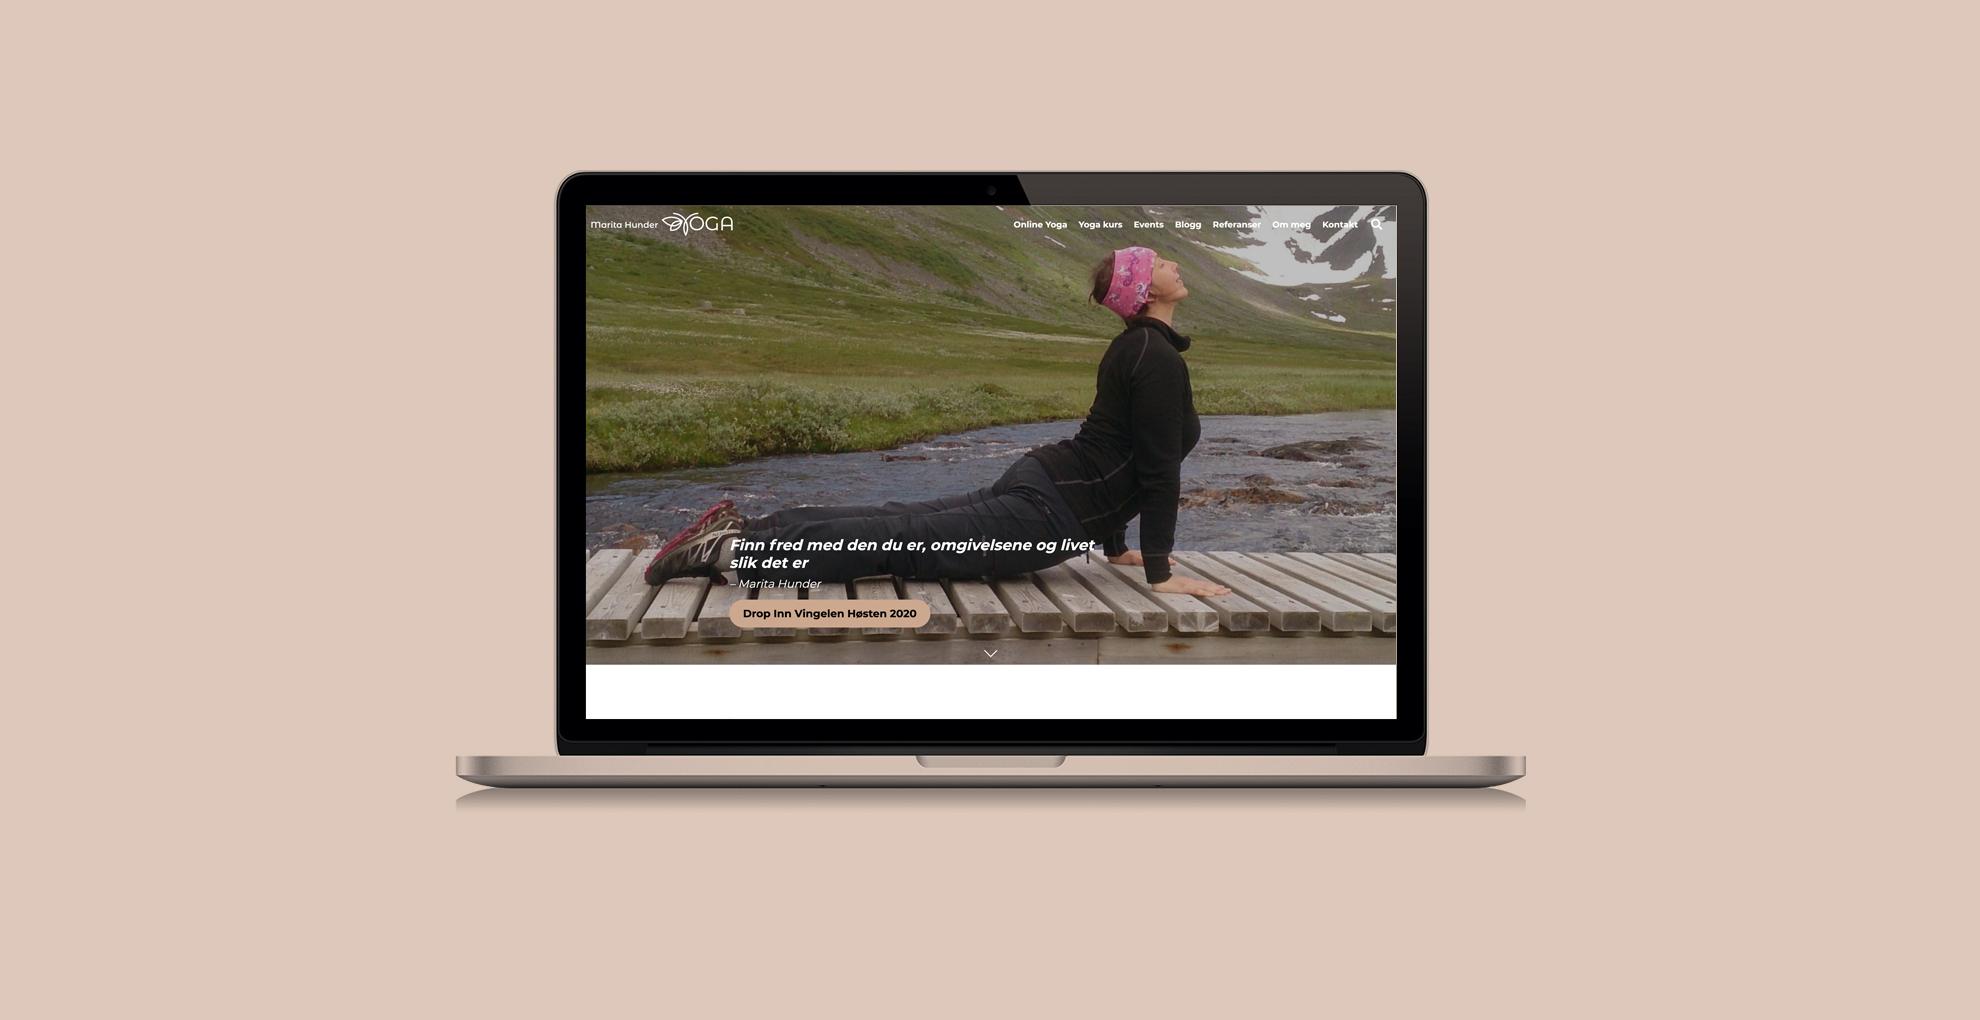 Bilde av nettsiden til Marita Hunder Yoga, laget av Haus Byrå